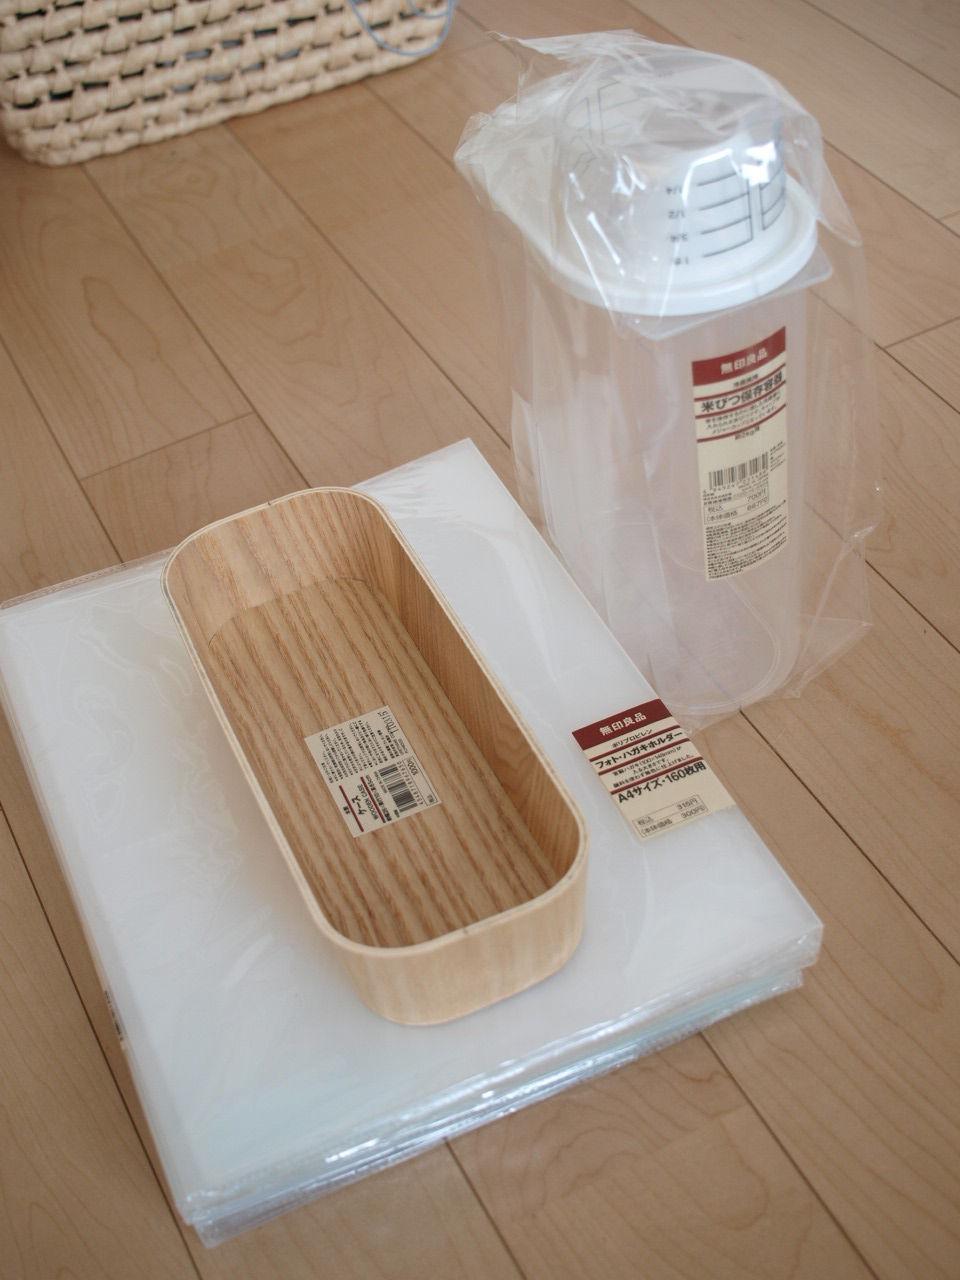 【無印良品】カトラリーケース トレー 2個セット 日本製 文具の整理に